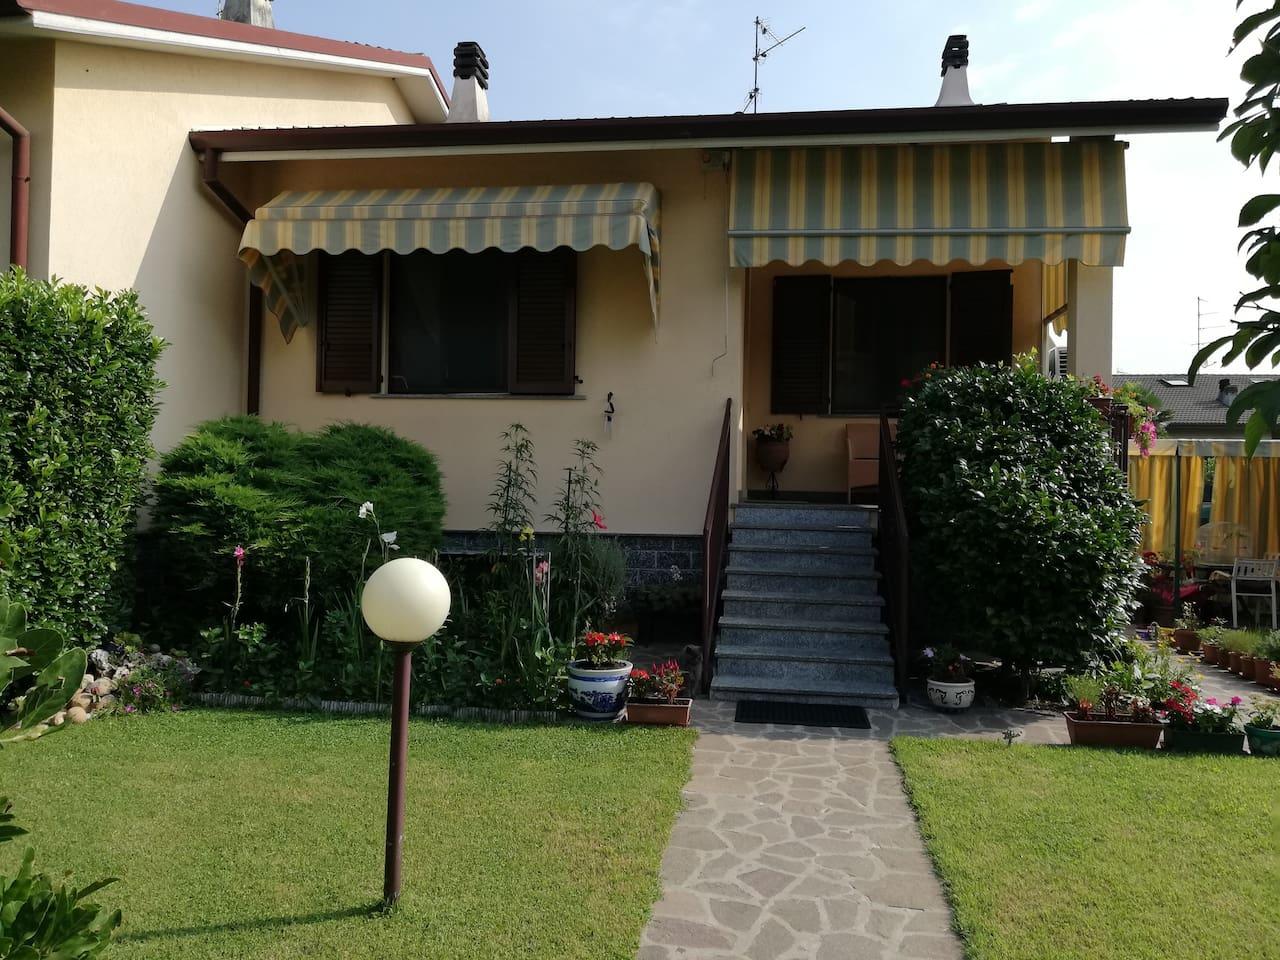 villetta indipendente piscina, giardino disponibilità 2 camere matrimoniali